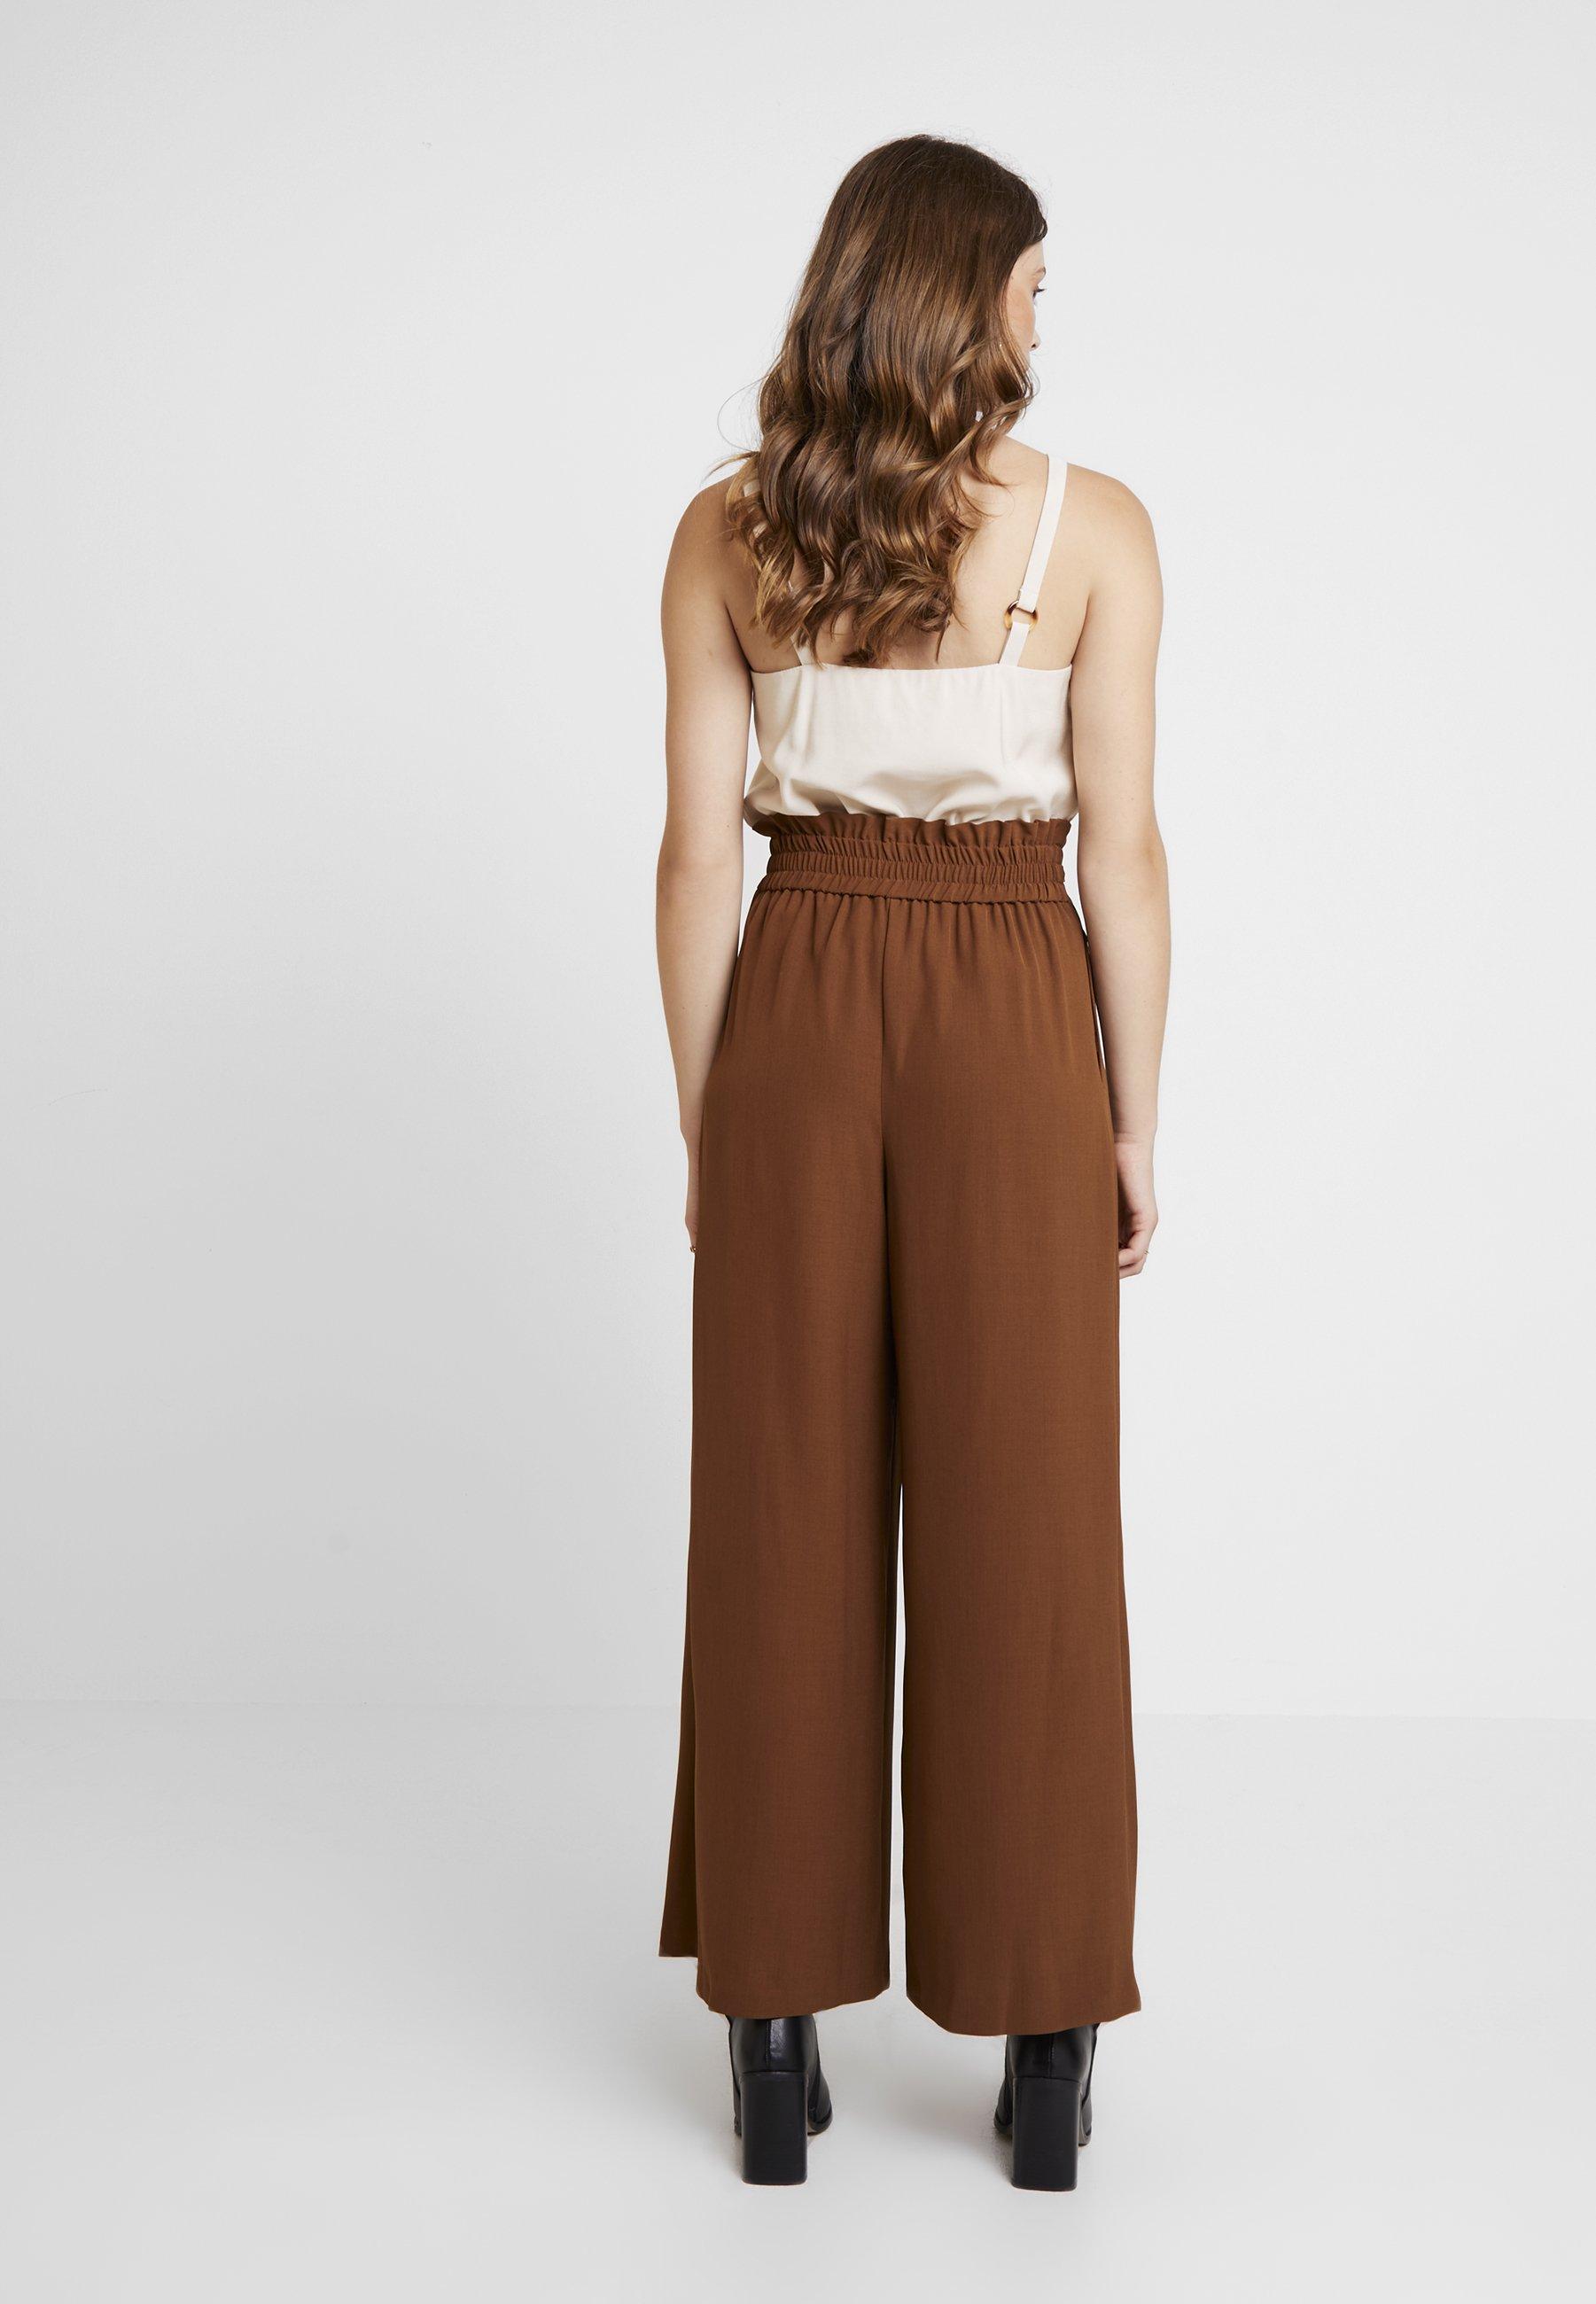 Topshop Jingle Classique TrouserPantalon Wide Brown R34cAL5jq